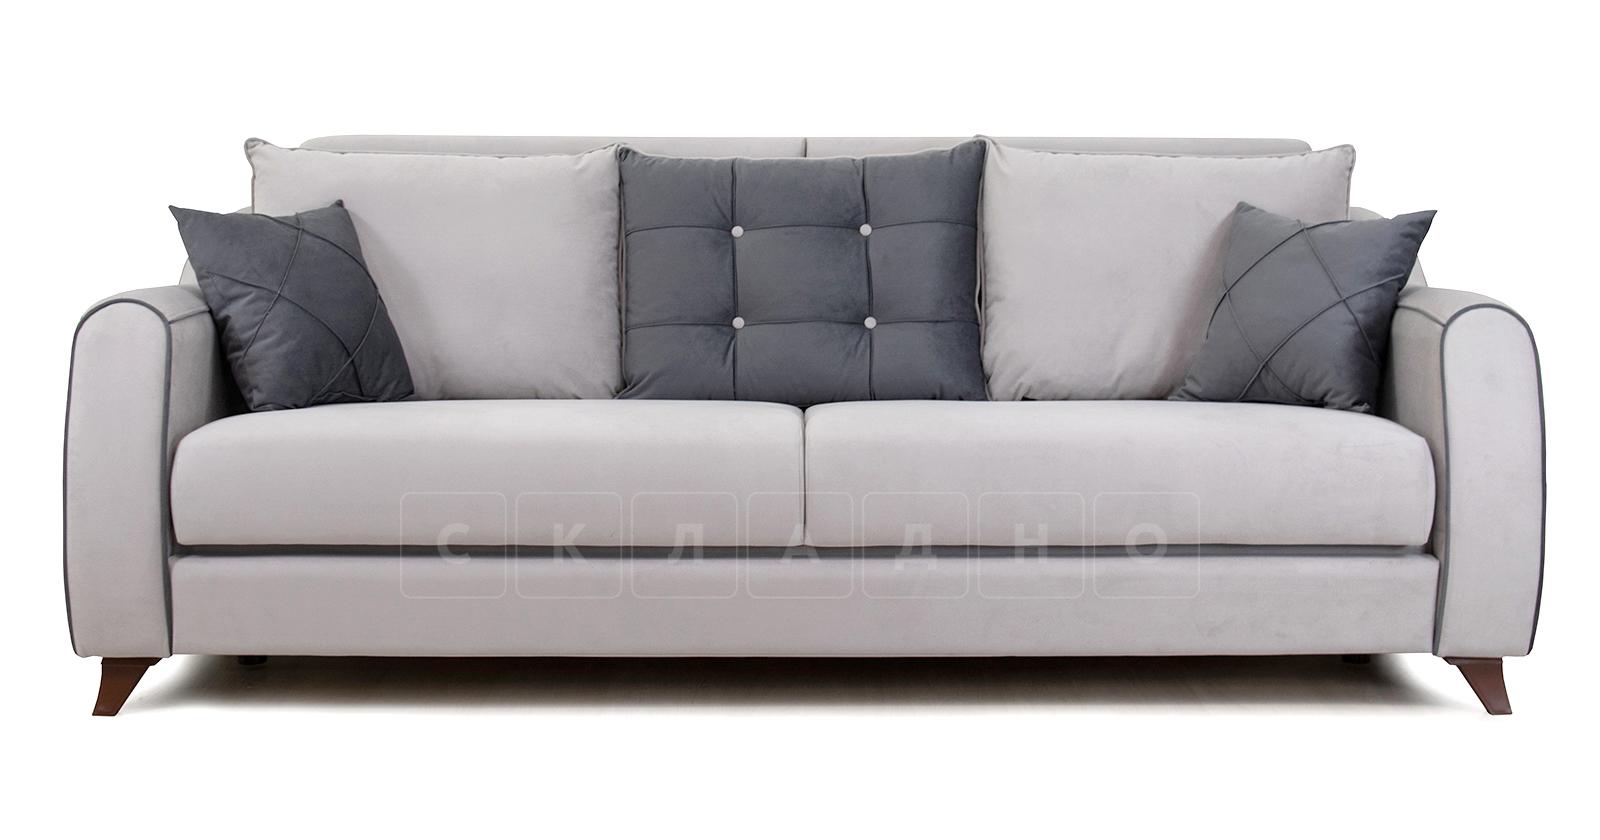 Диван-кровать Флэтфорд светло-серый фото 2 | интернет-магазин Складно